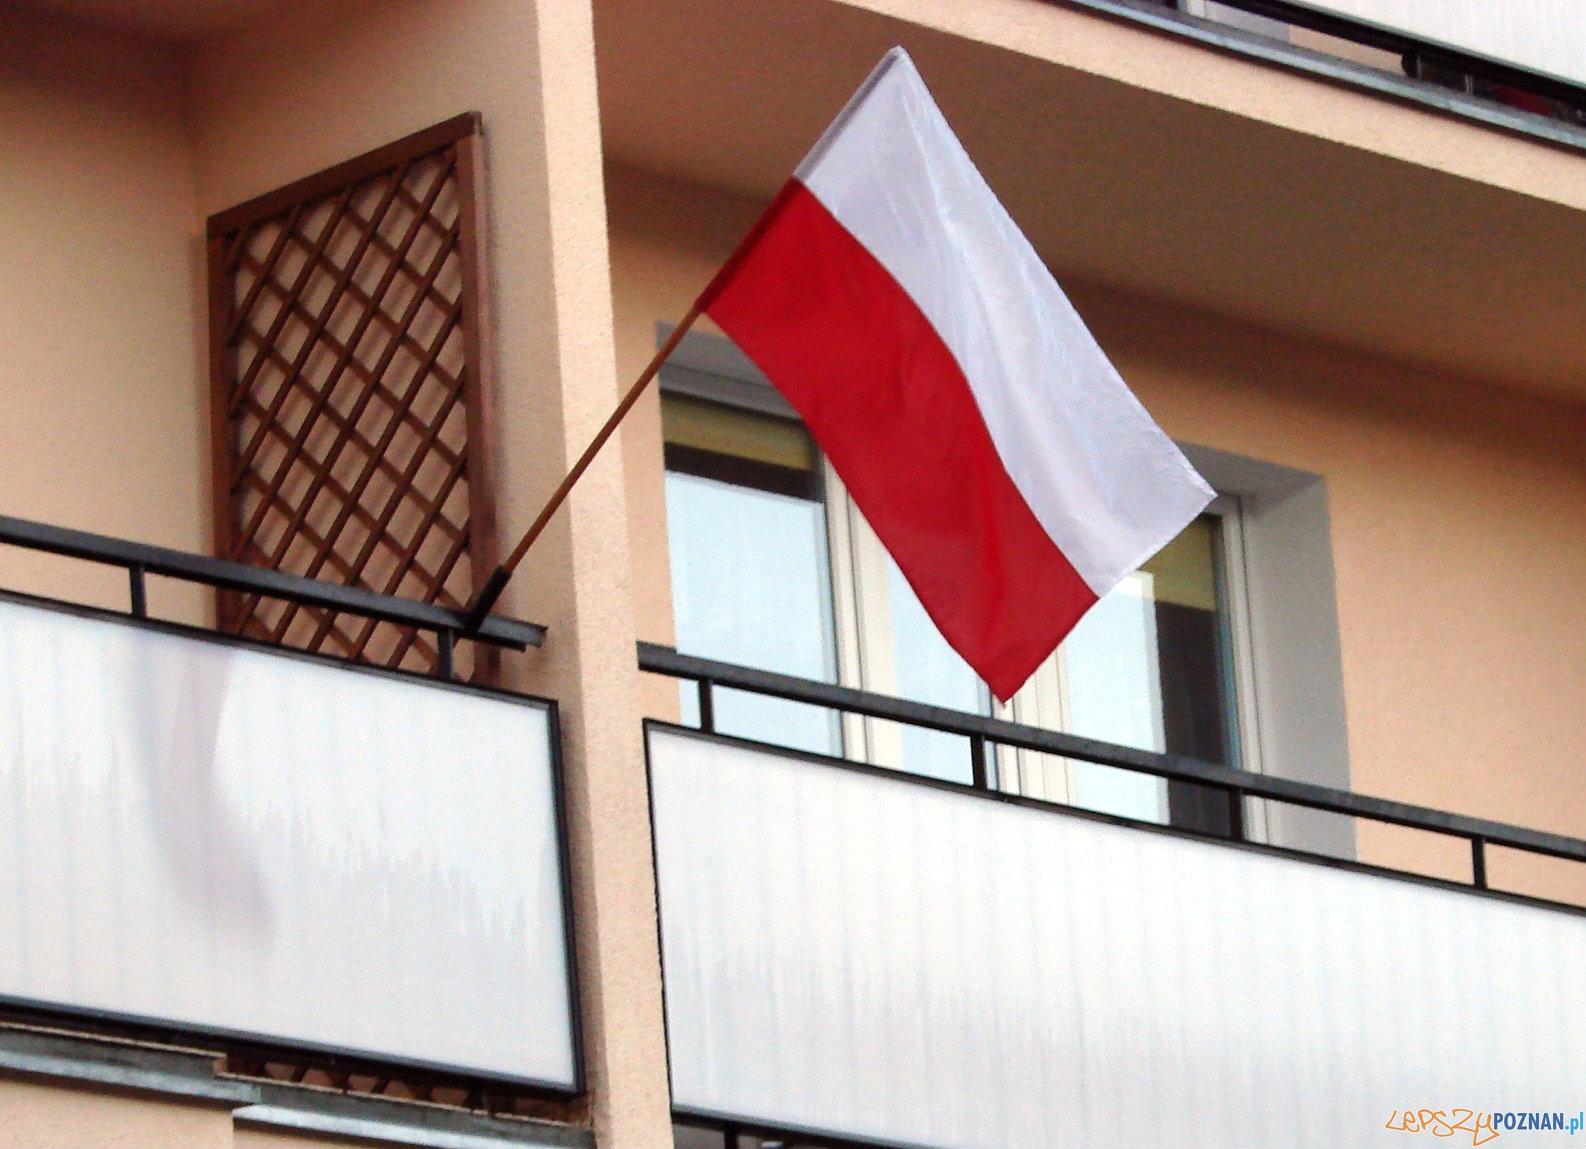 Flaga narodowa  Foto: lepszyPOZNAN.pl / tab 10.1